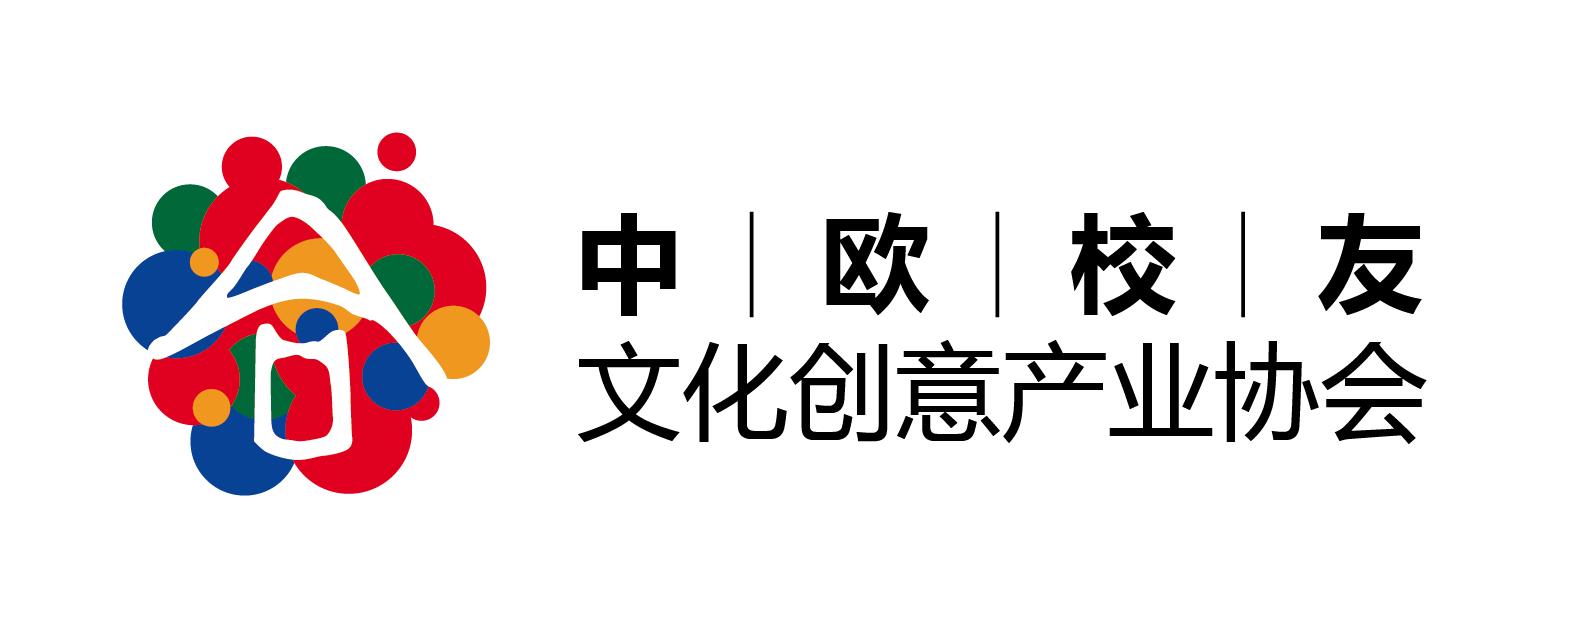 中欧班列 logo矢量图